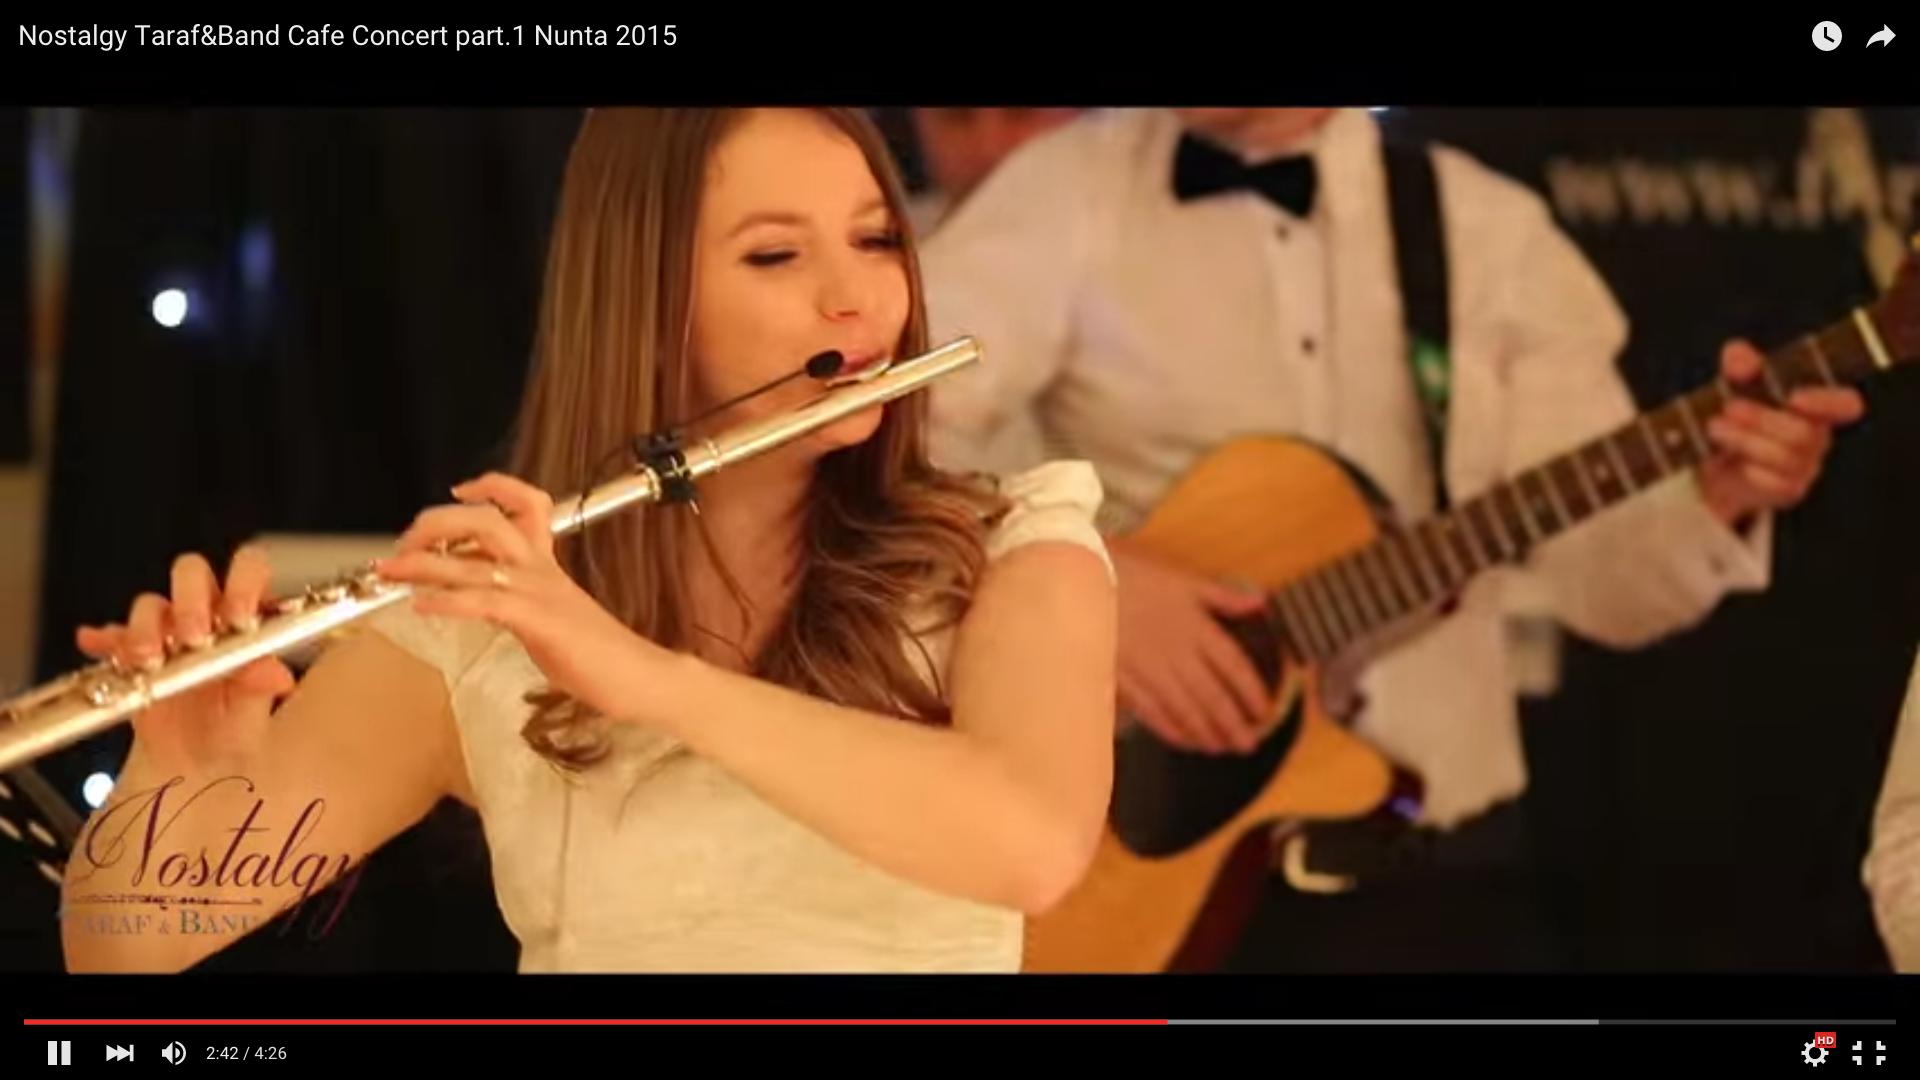 formatie nunta Nostalgy Taraf&Band Cafe Concert part.1 Nunta 2015